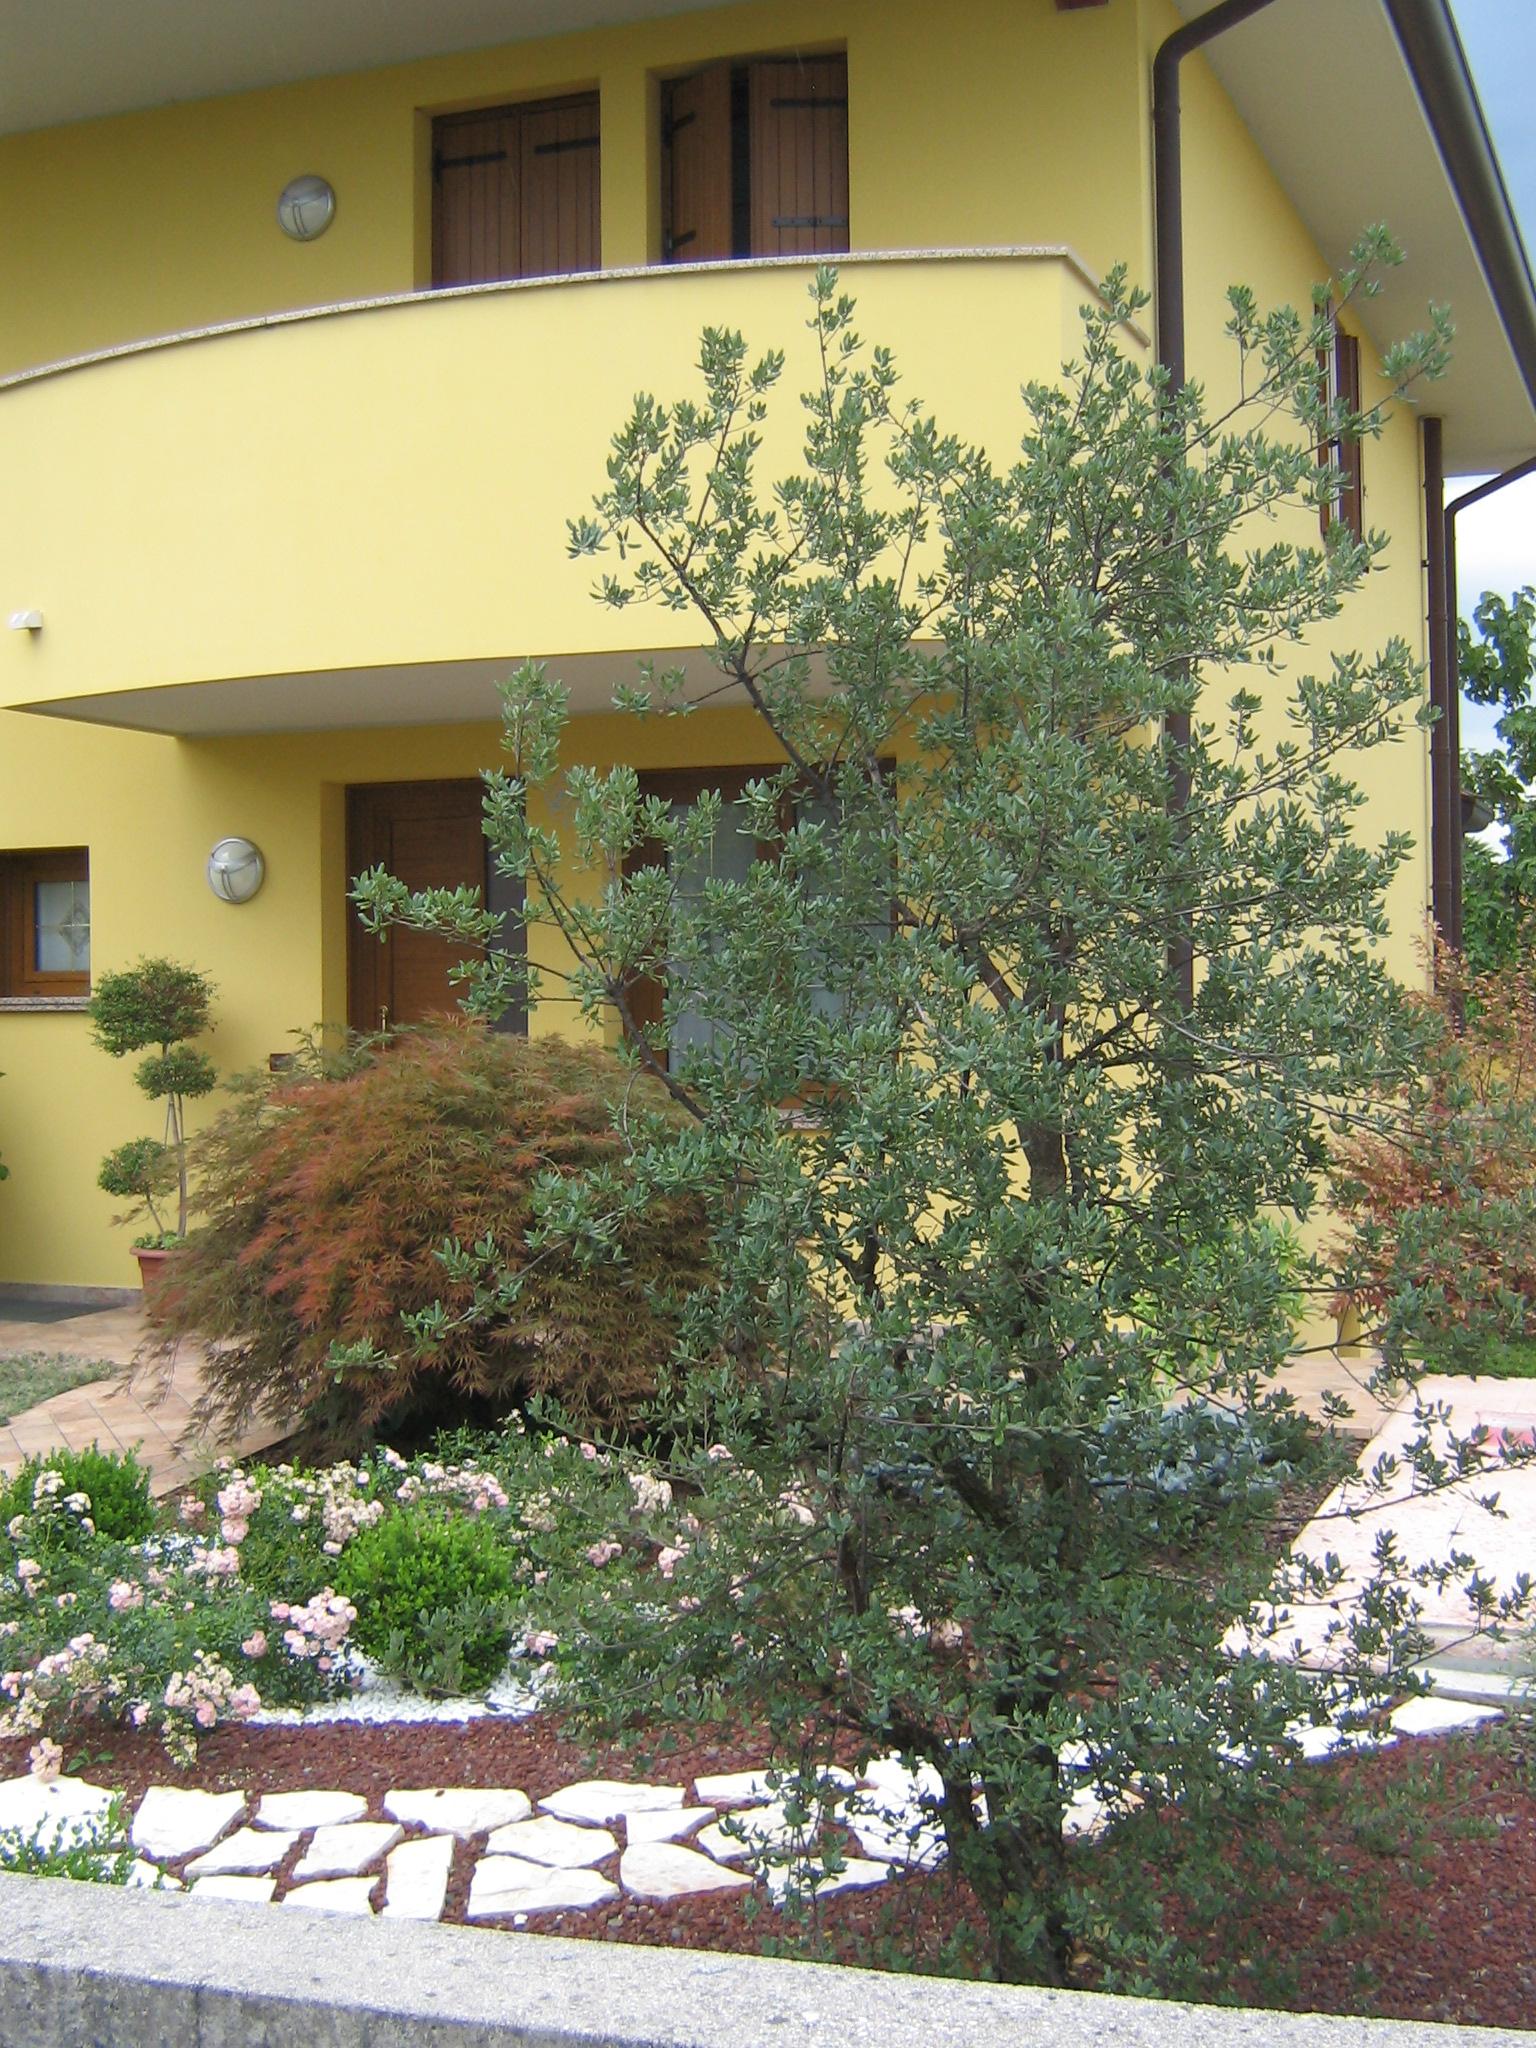 giardini idee pratiche manutenzione : giardino a bassa manutenzione